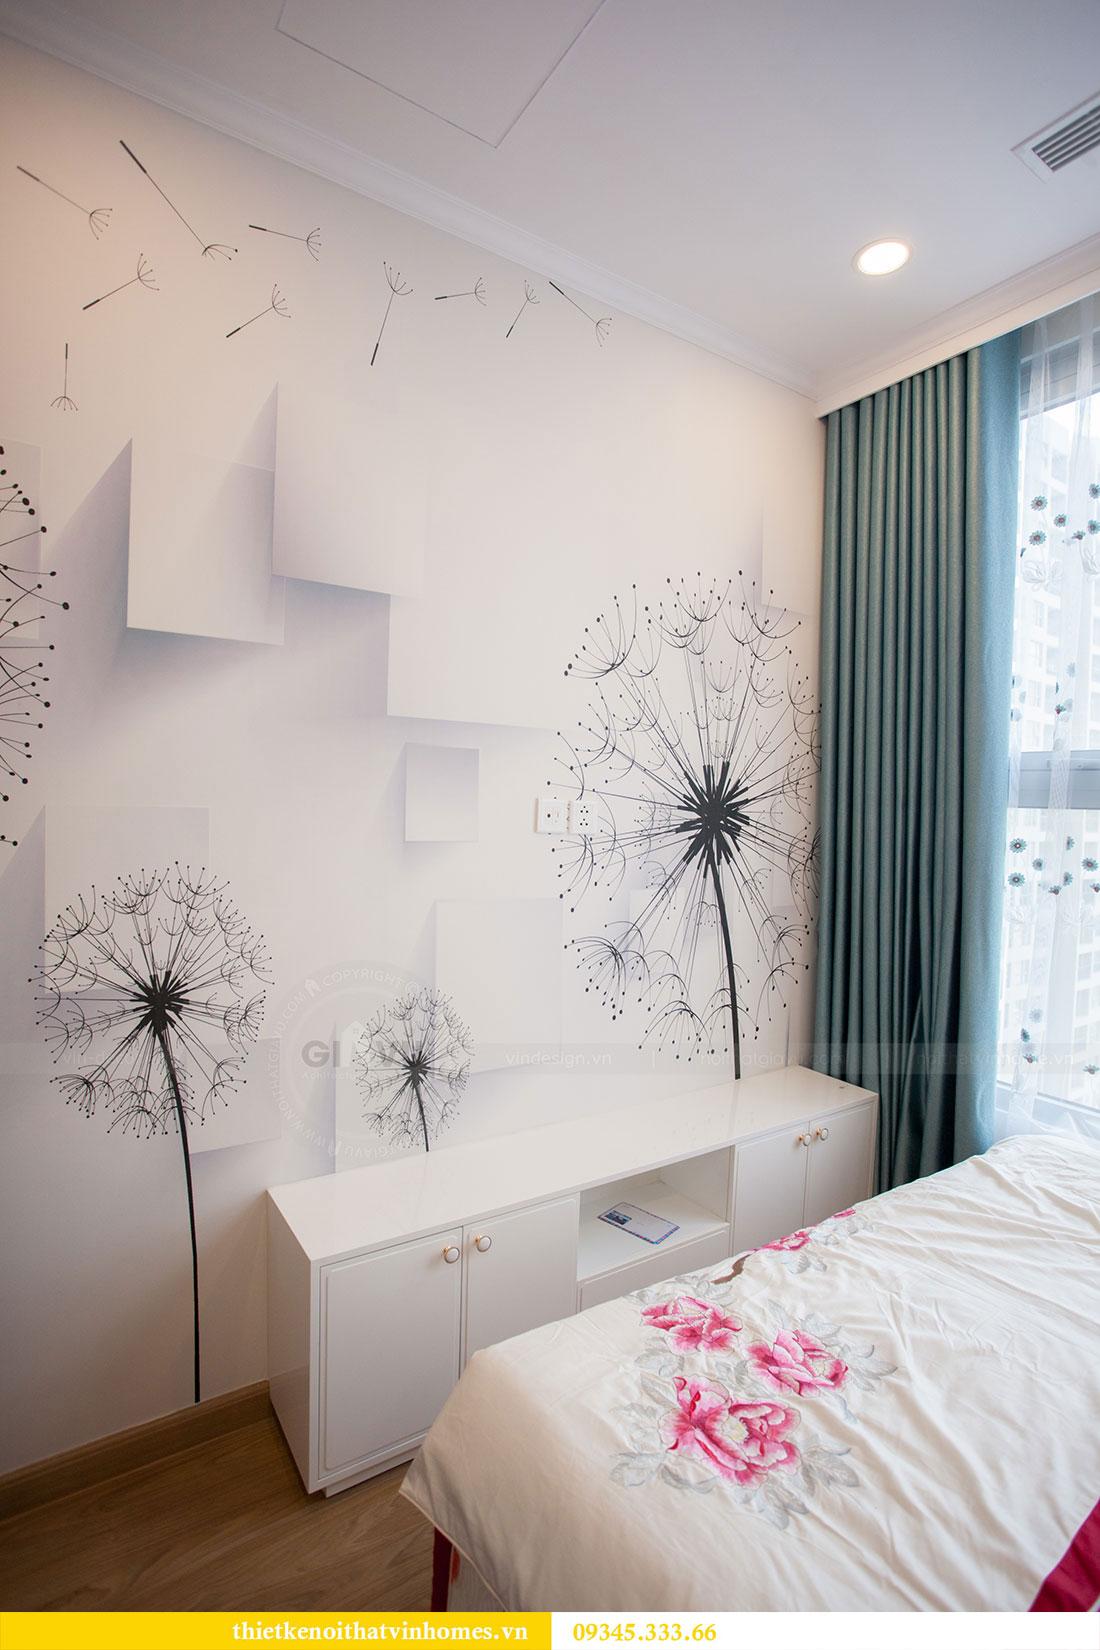 Hoàn thiện nội thất chung cư Dcapitale căn 2 phòng ngủ 15